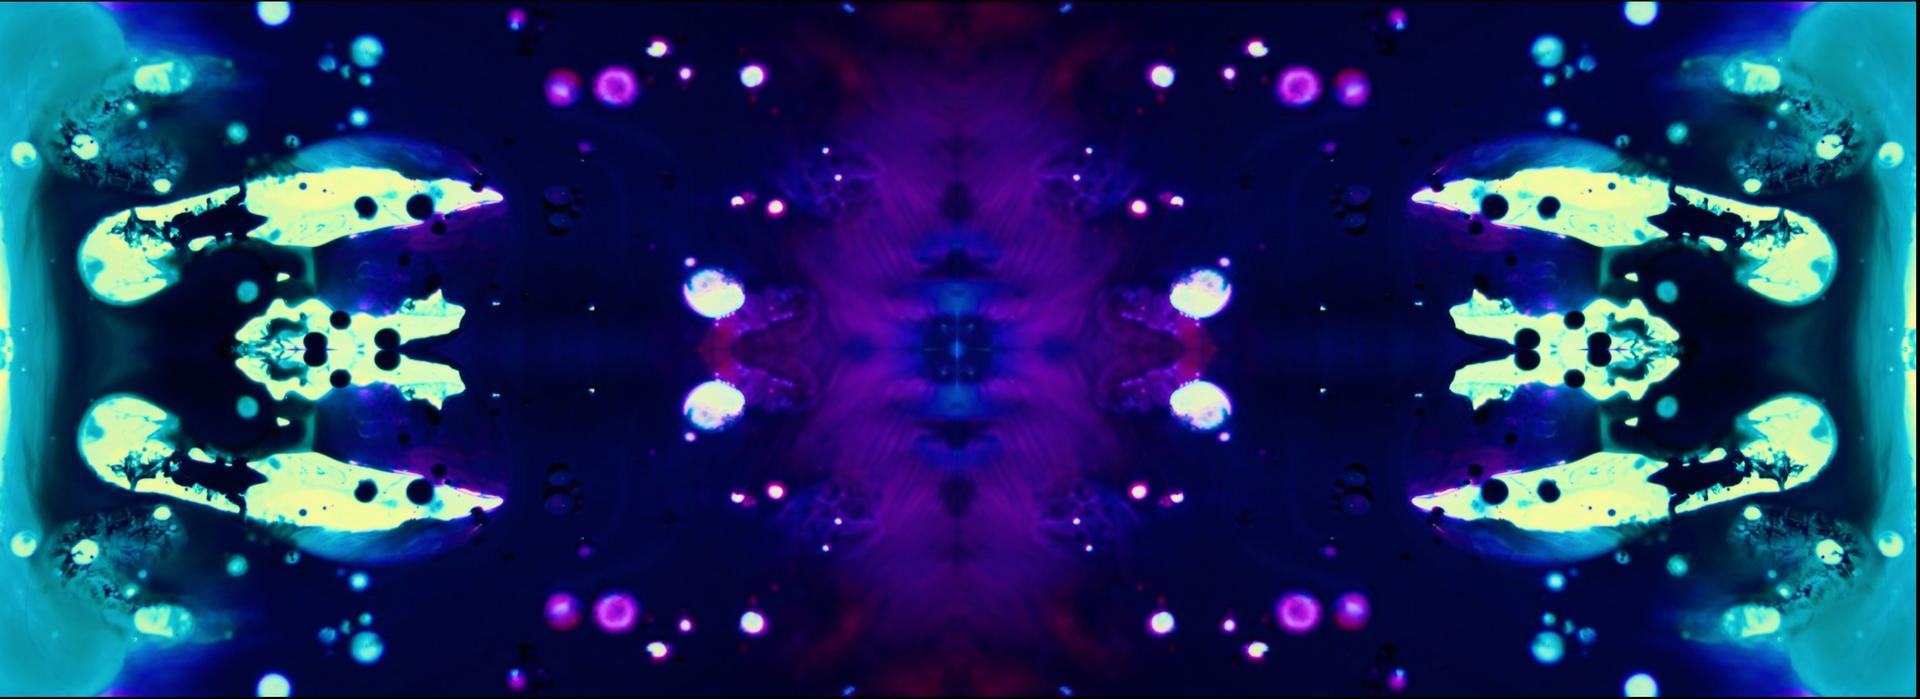 Screen Shot 2020-03-09 at 5.43.36 PM.png